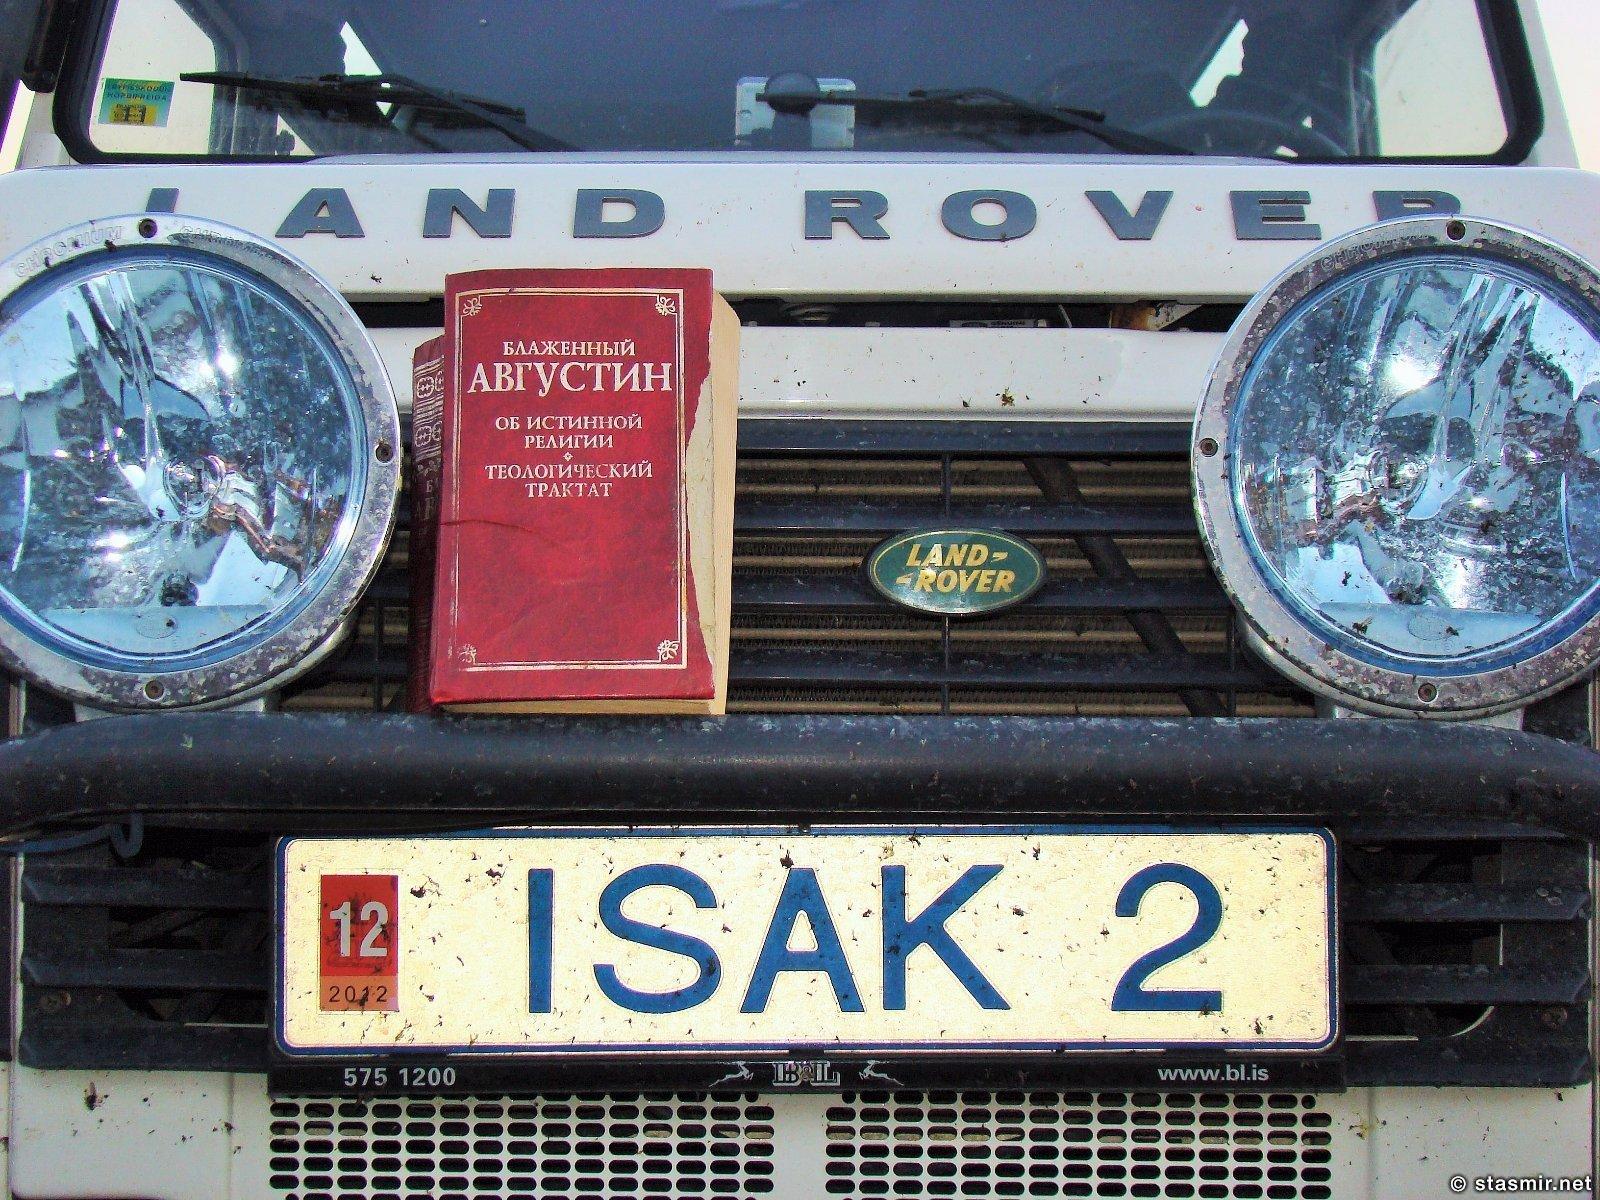 Святой Августин, Исак, Исаак, Ветхий Завет, фермы в Исландии, Photo Stasmir, Landrover Defender припаркован у Ensku Húsin, фото Стасмир